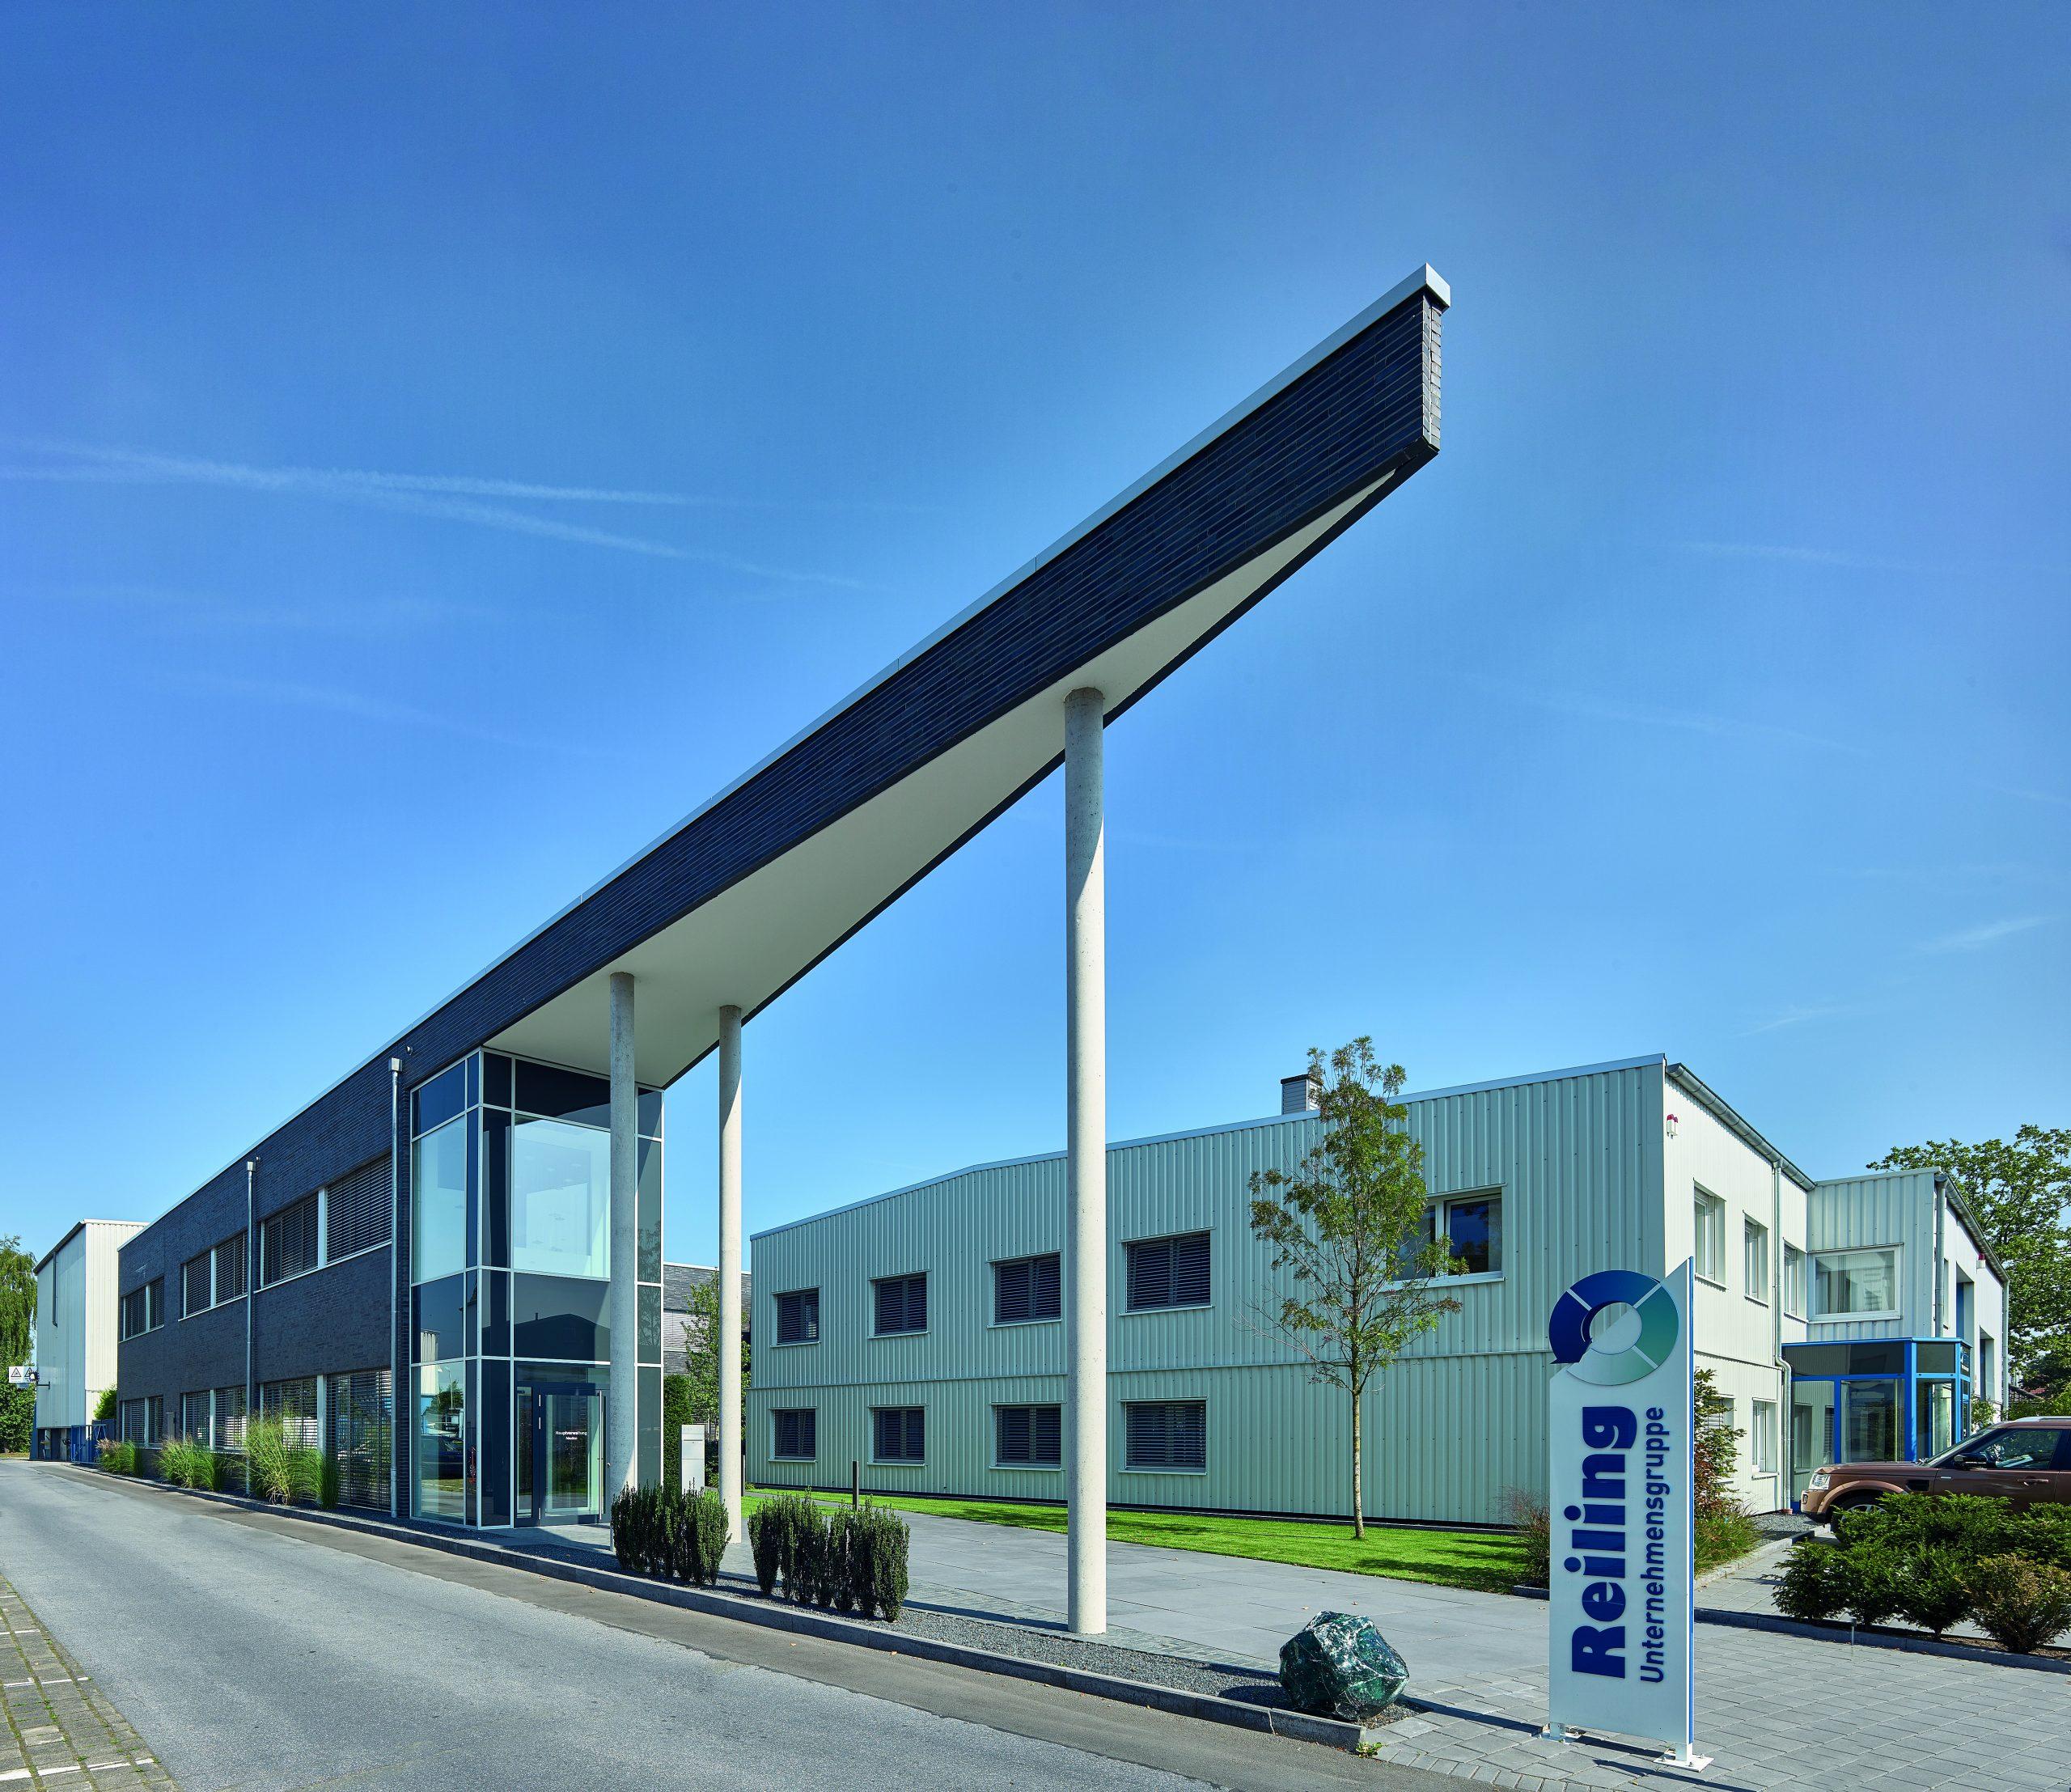 Bild: Reiling GmbH & Co. KG